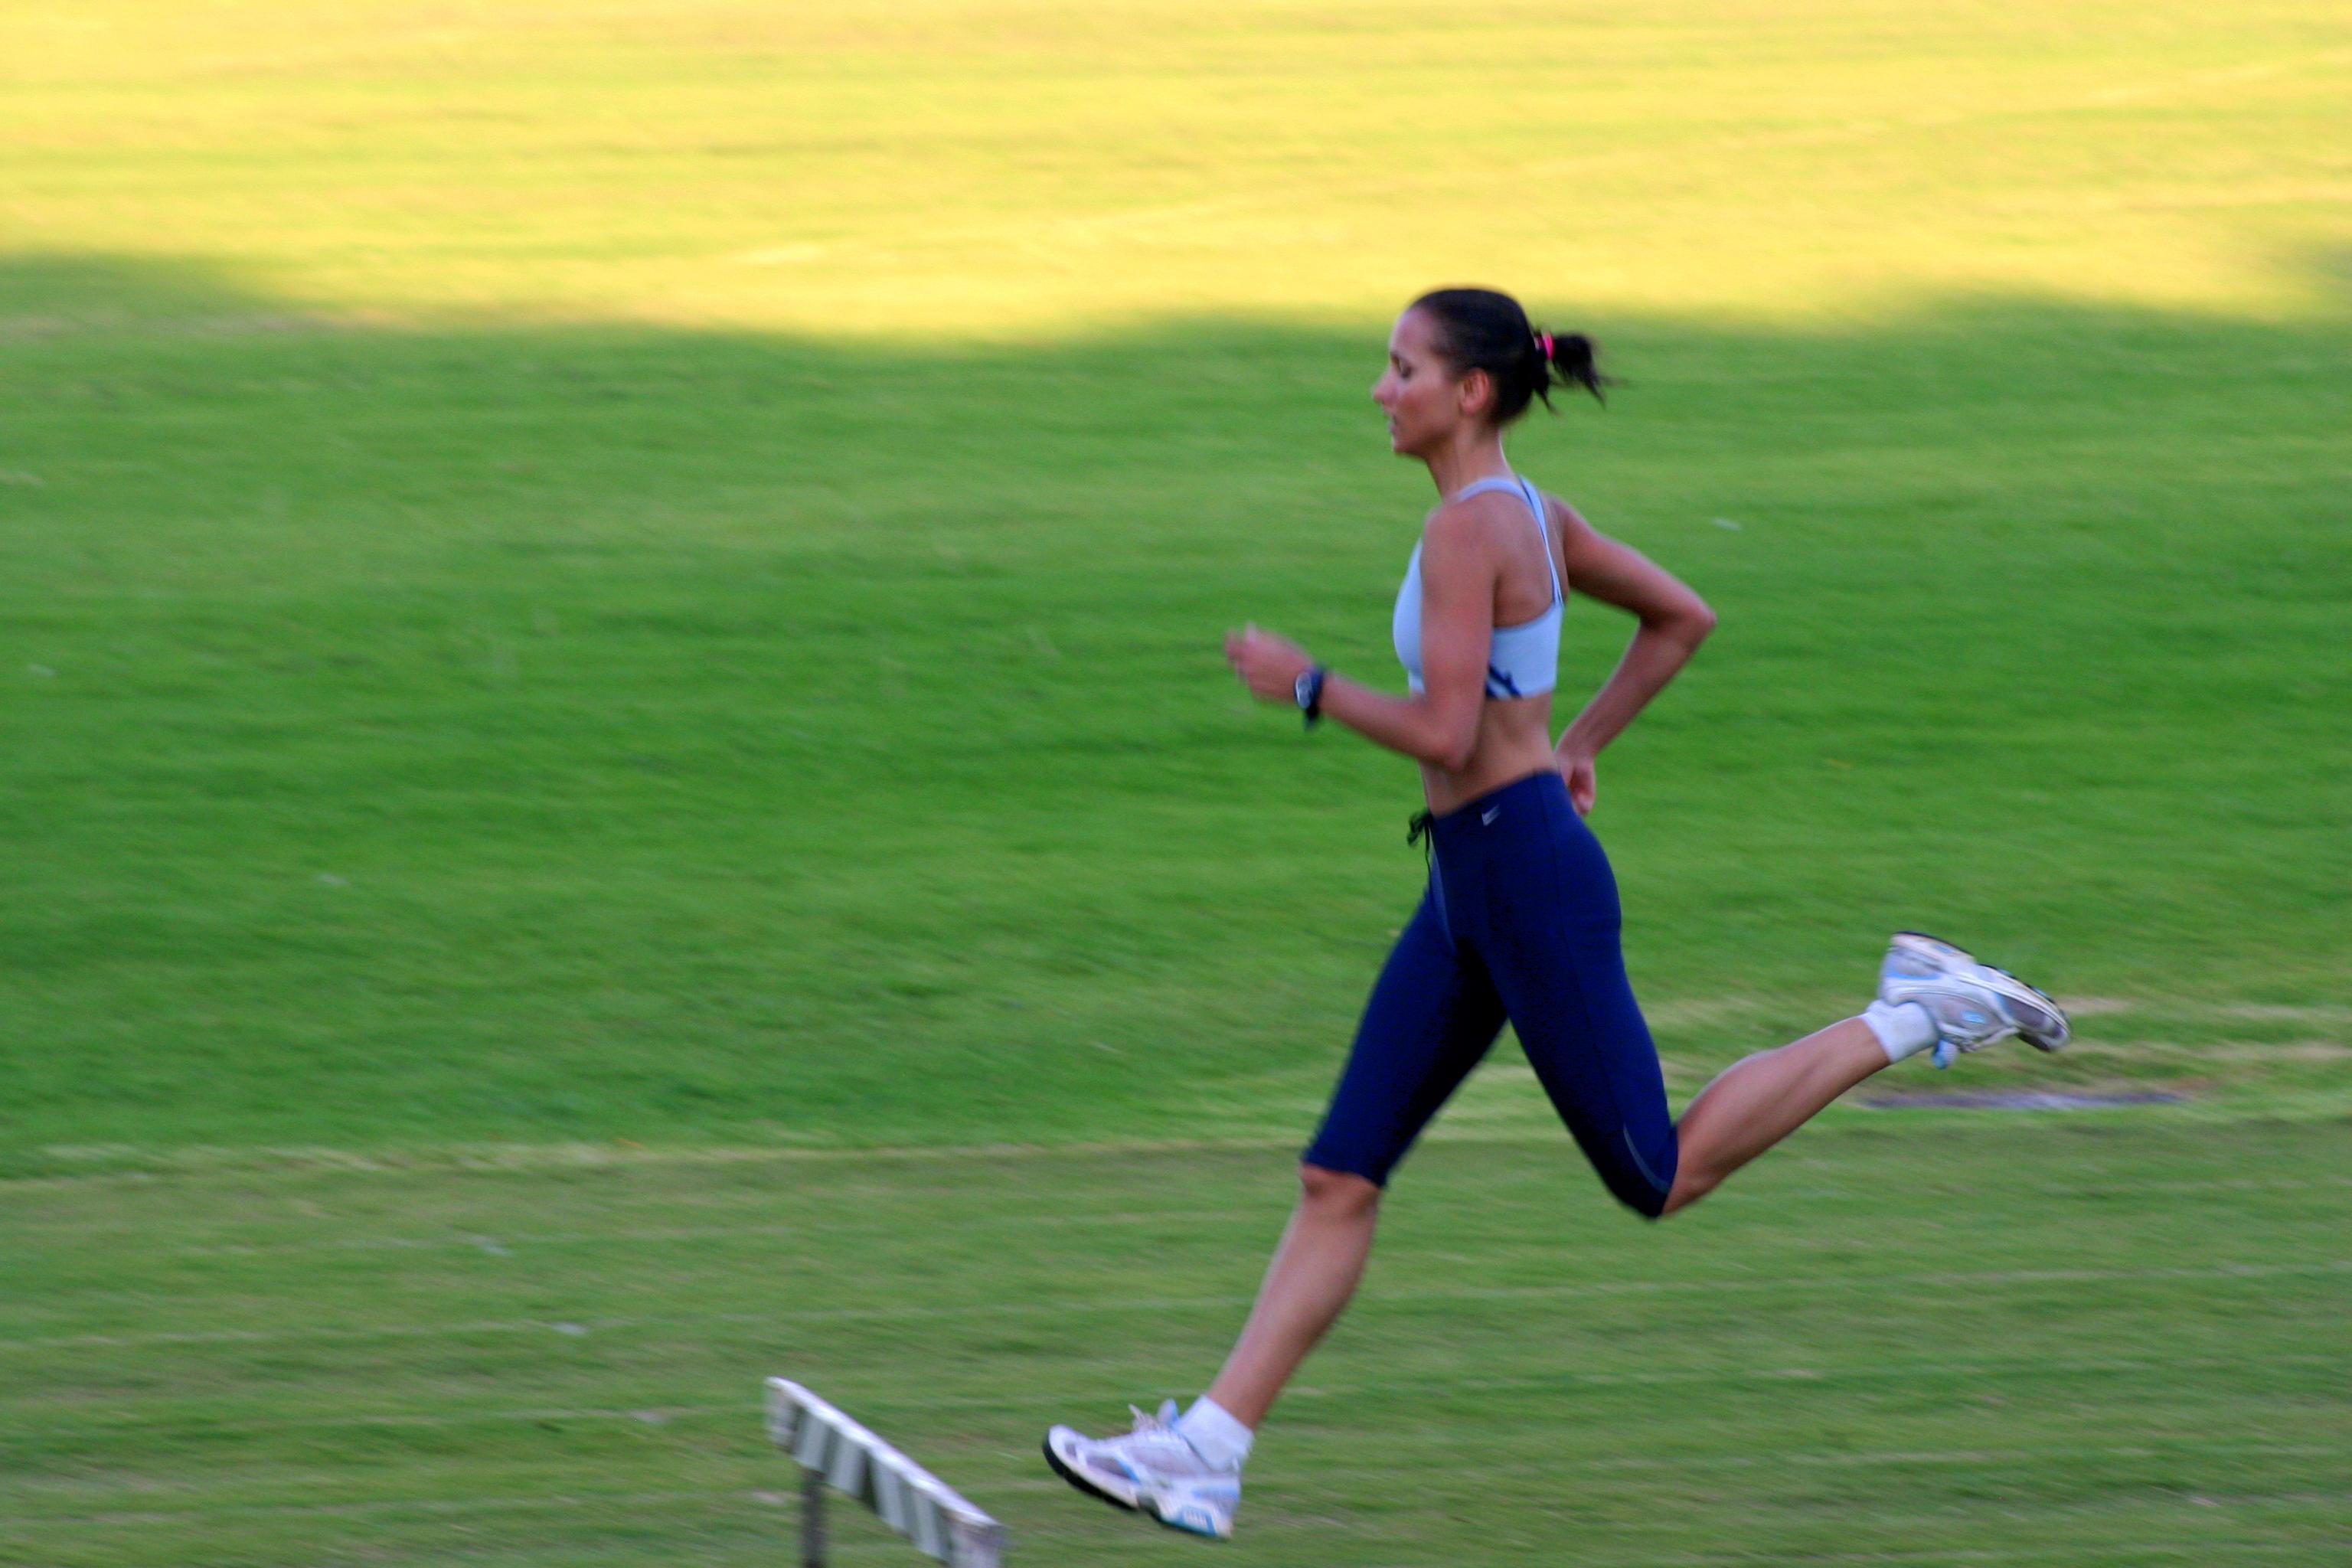 IMG 5408 Jak zacząć biegać?